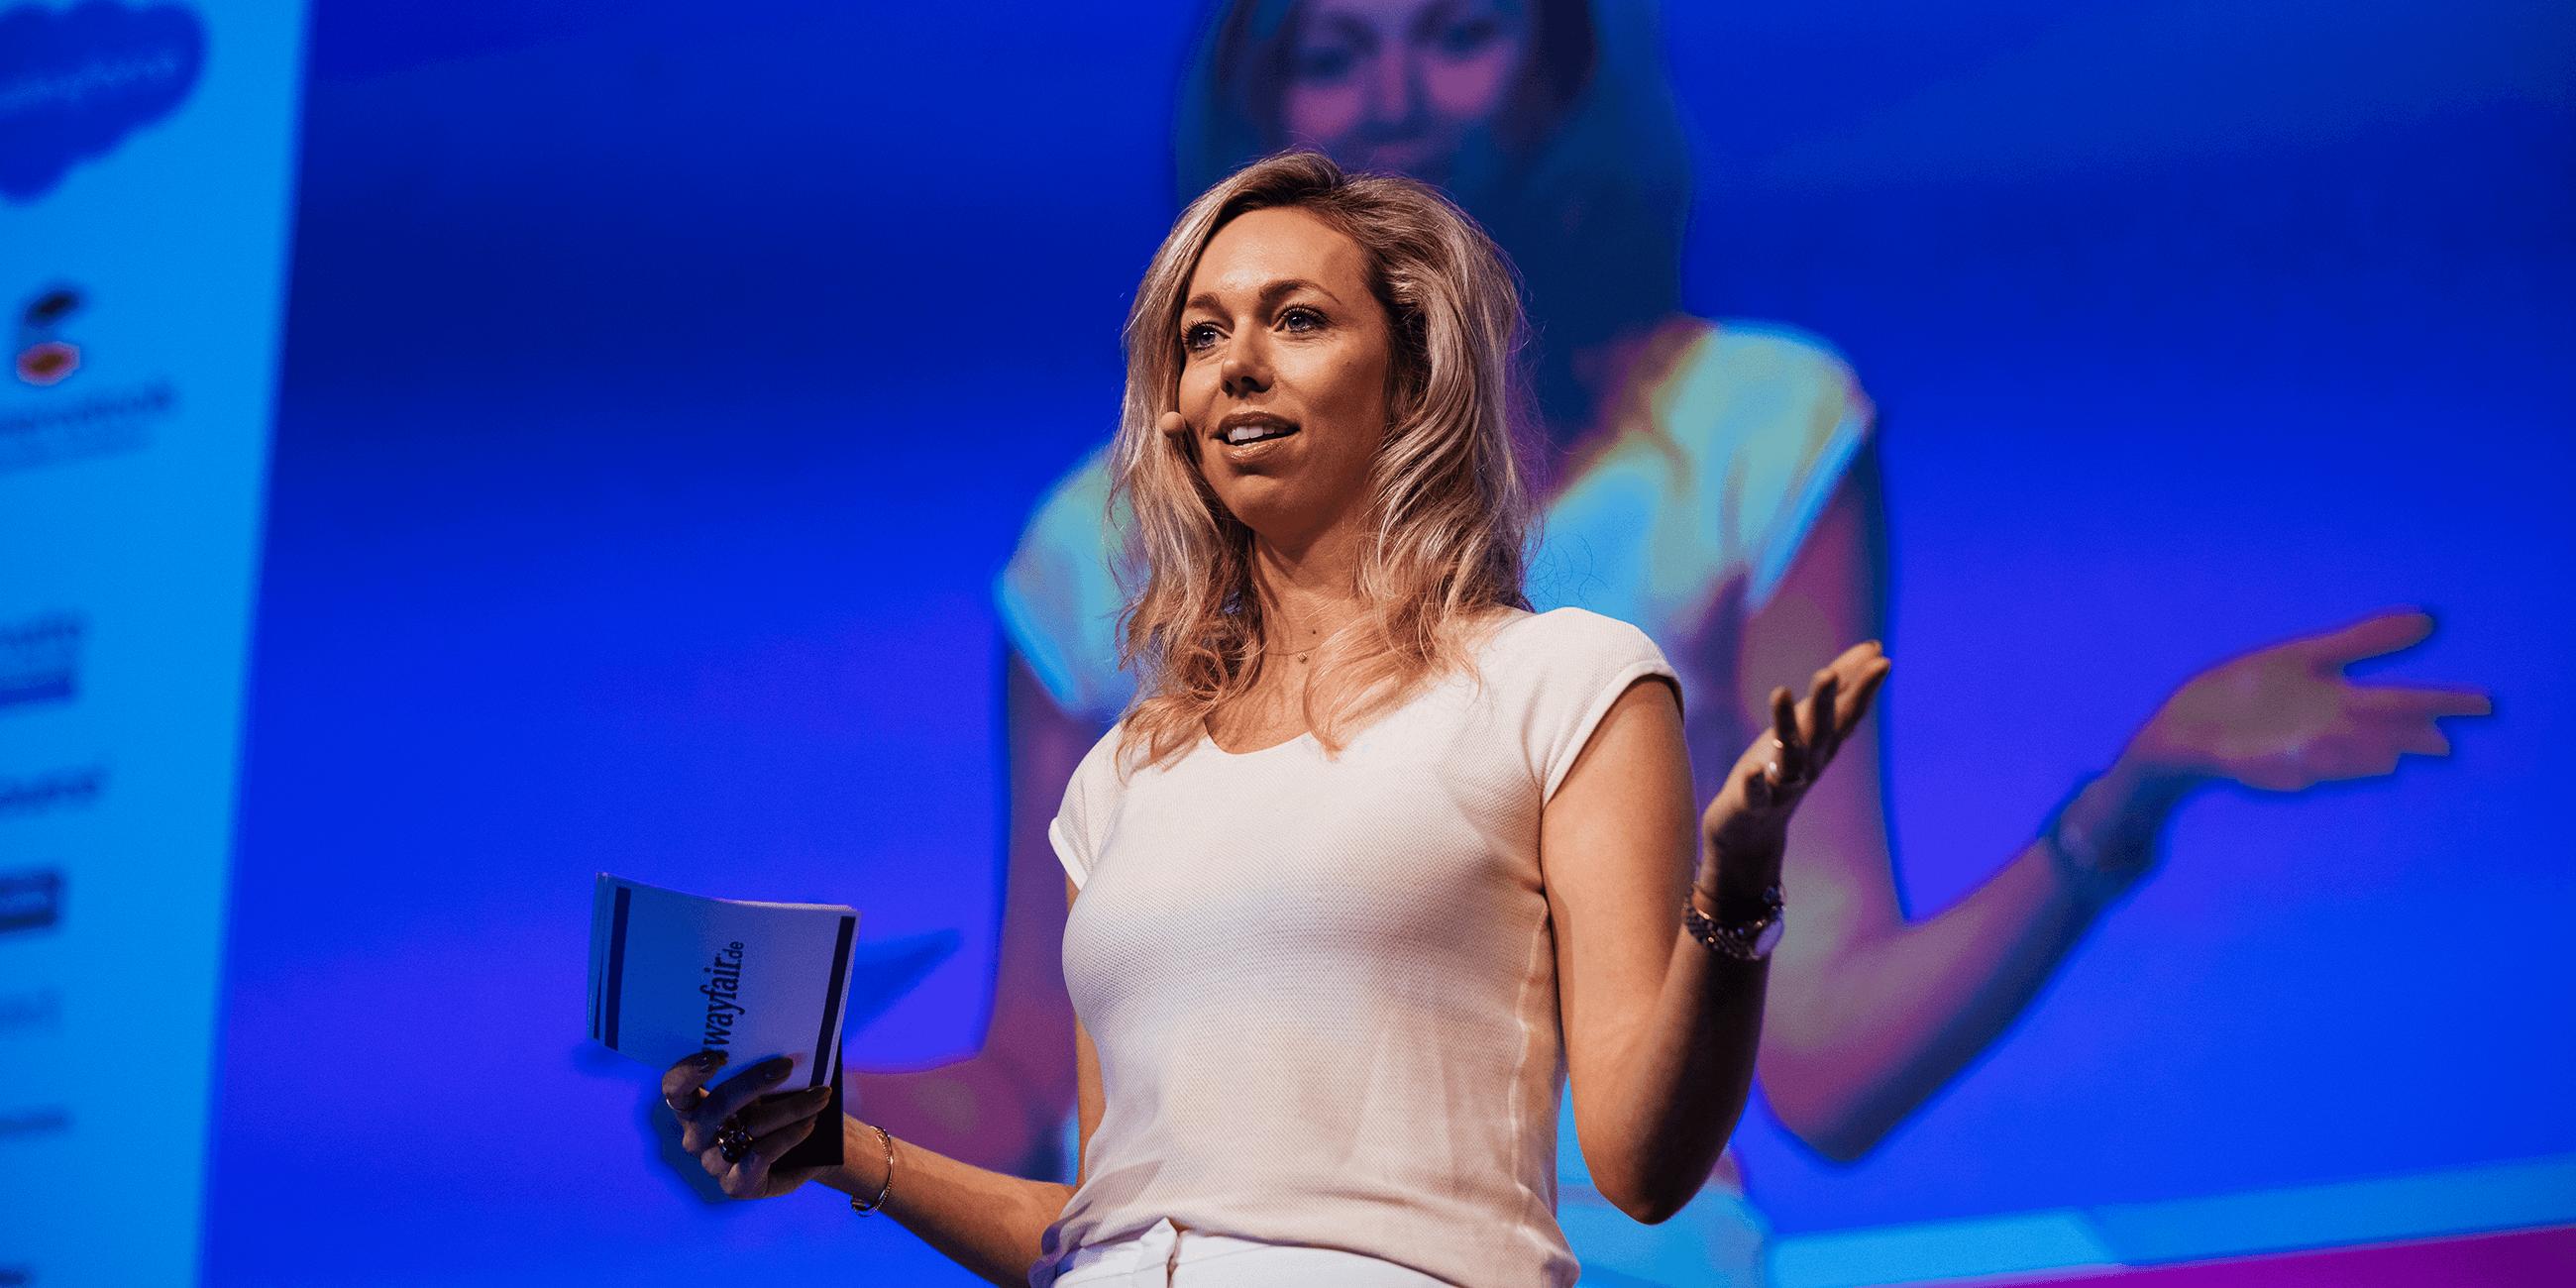 Speaker auf der Bühne der K5 Konferenz